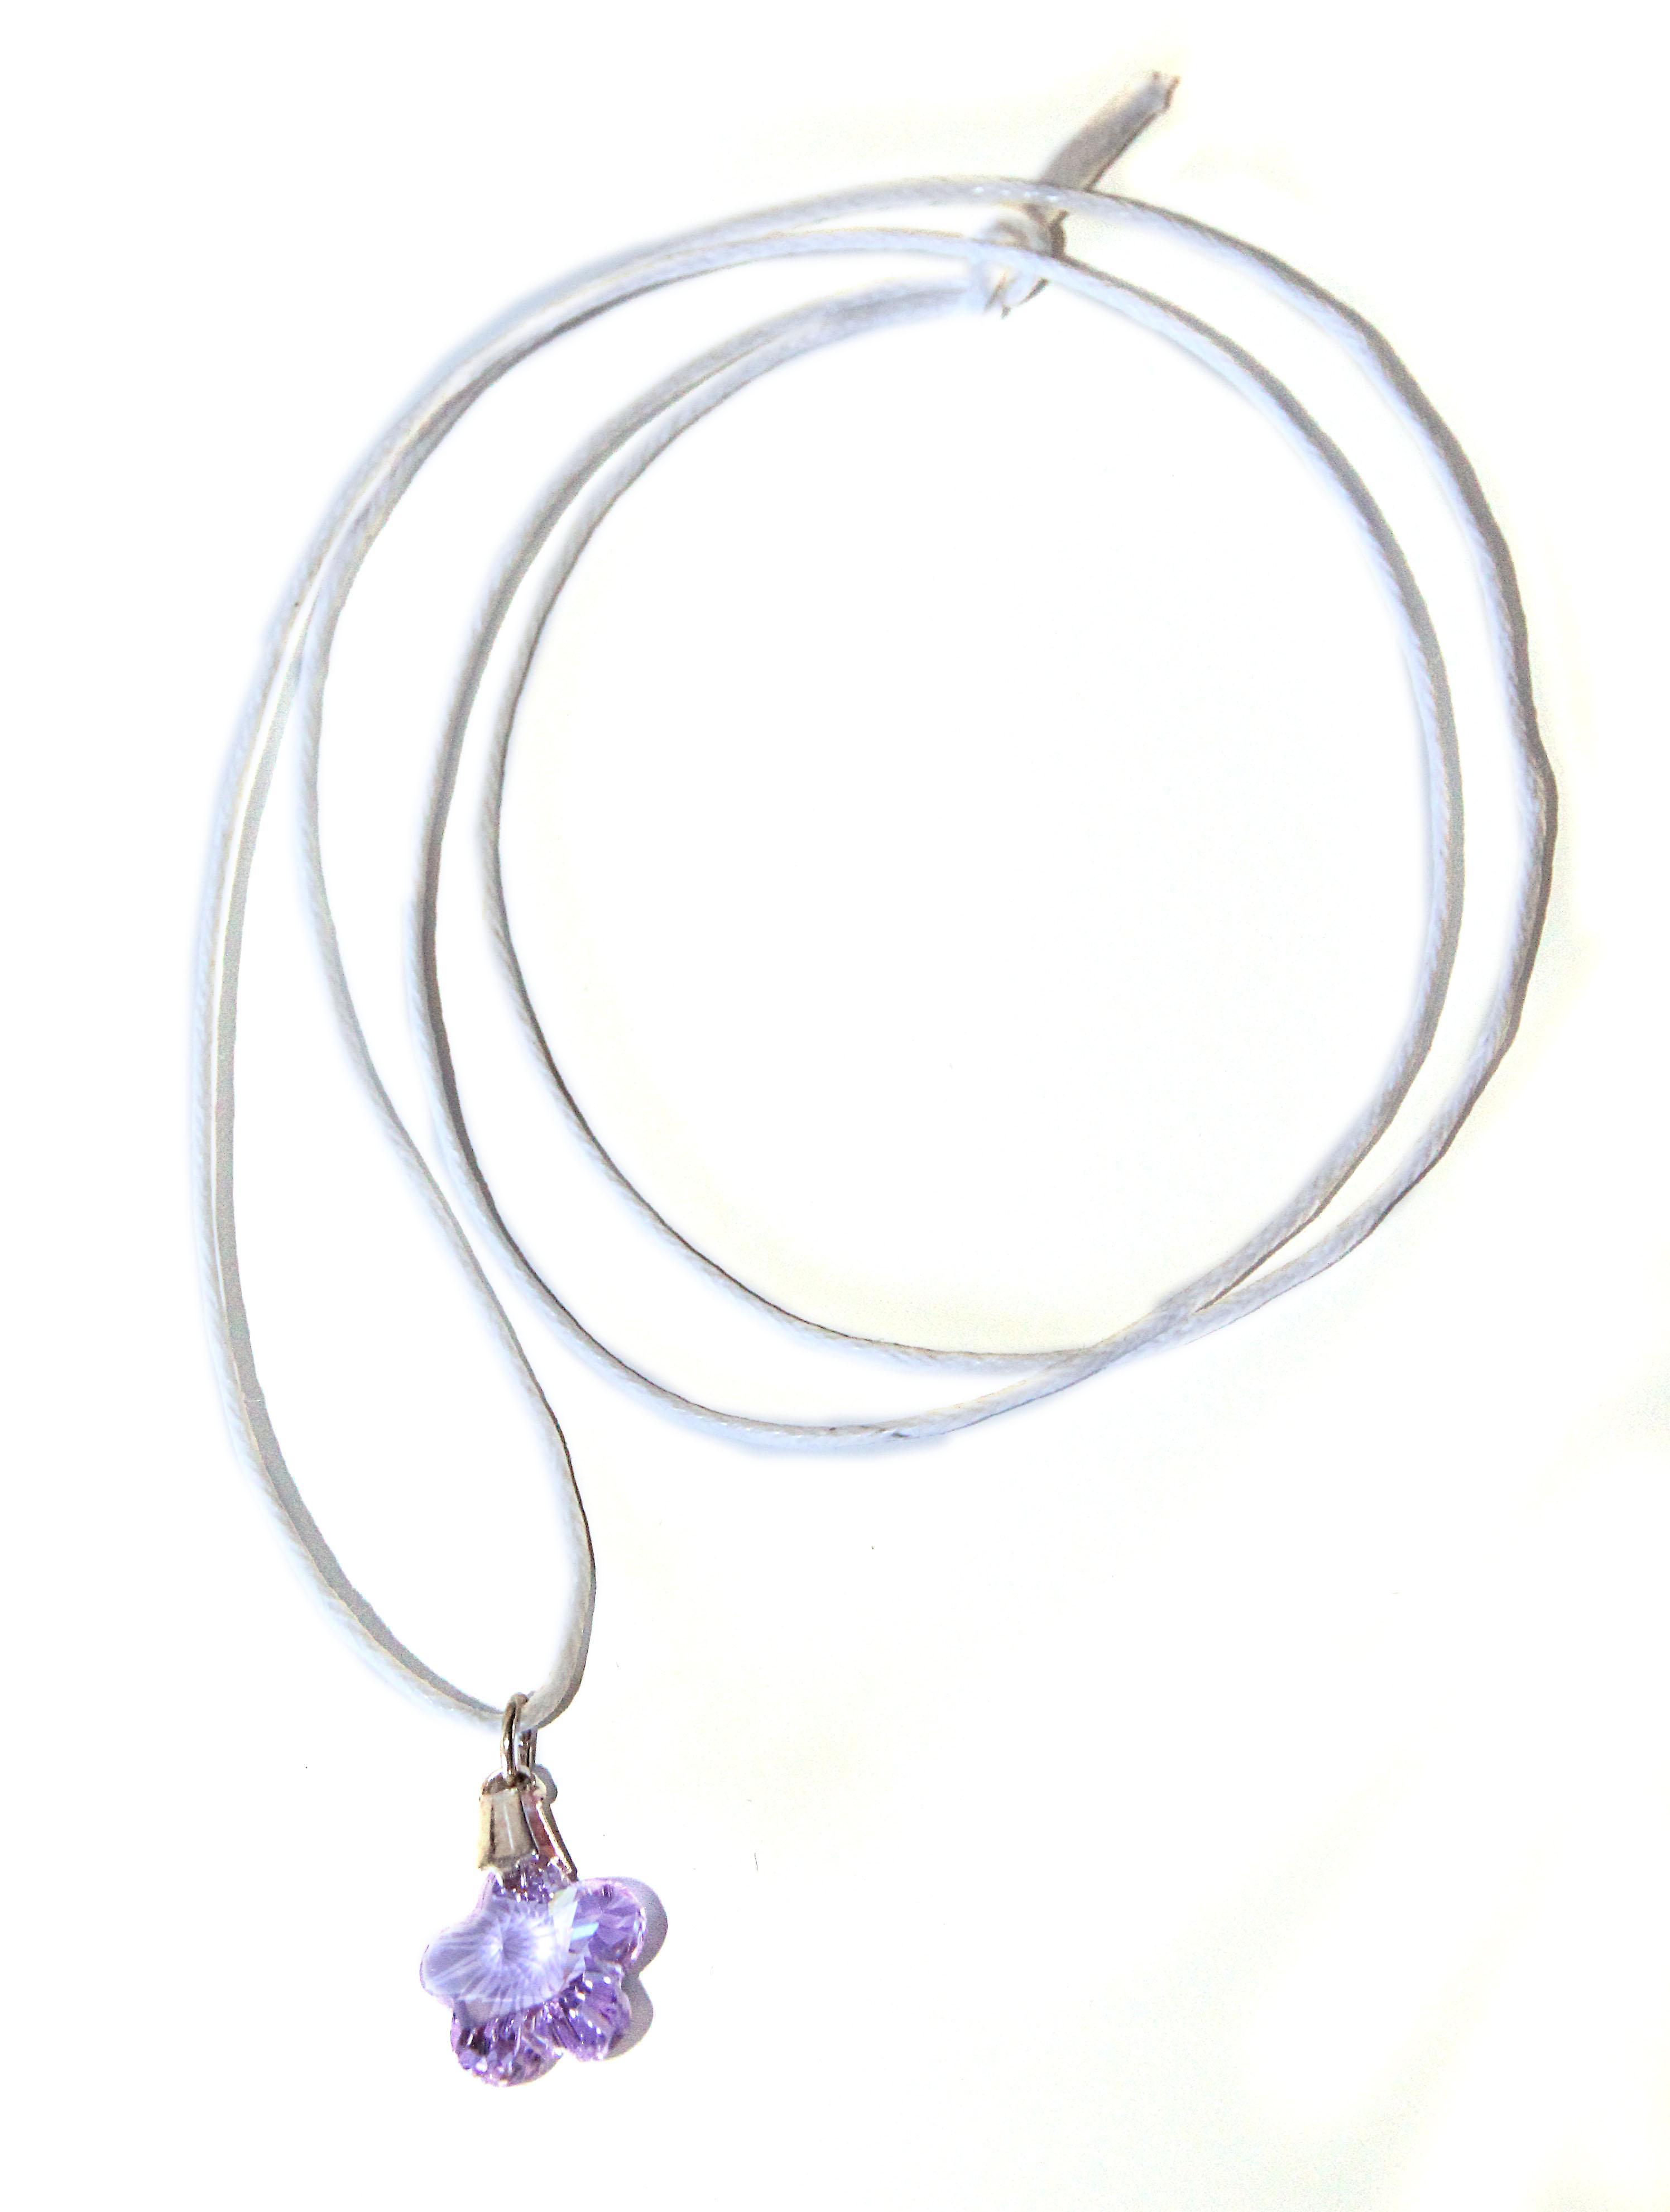 Waooh - gioielli - Swarovski fiore viola e cavo pendente cera /